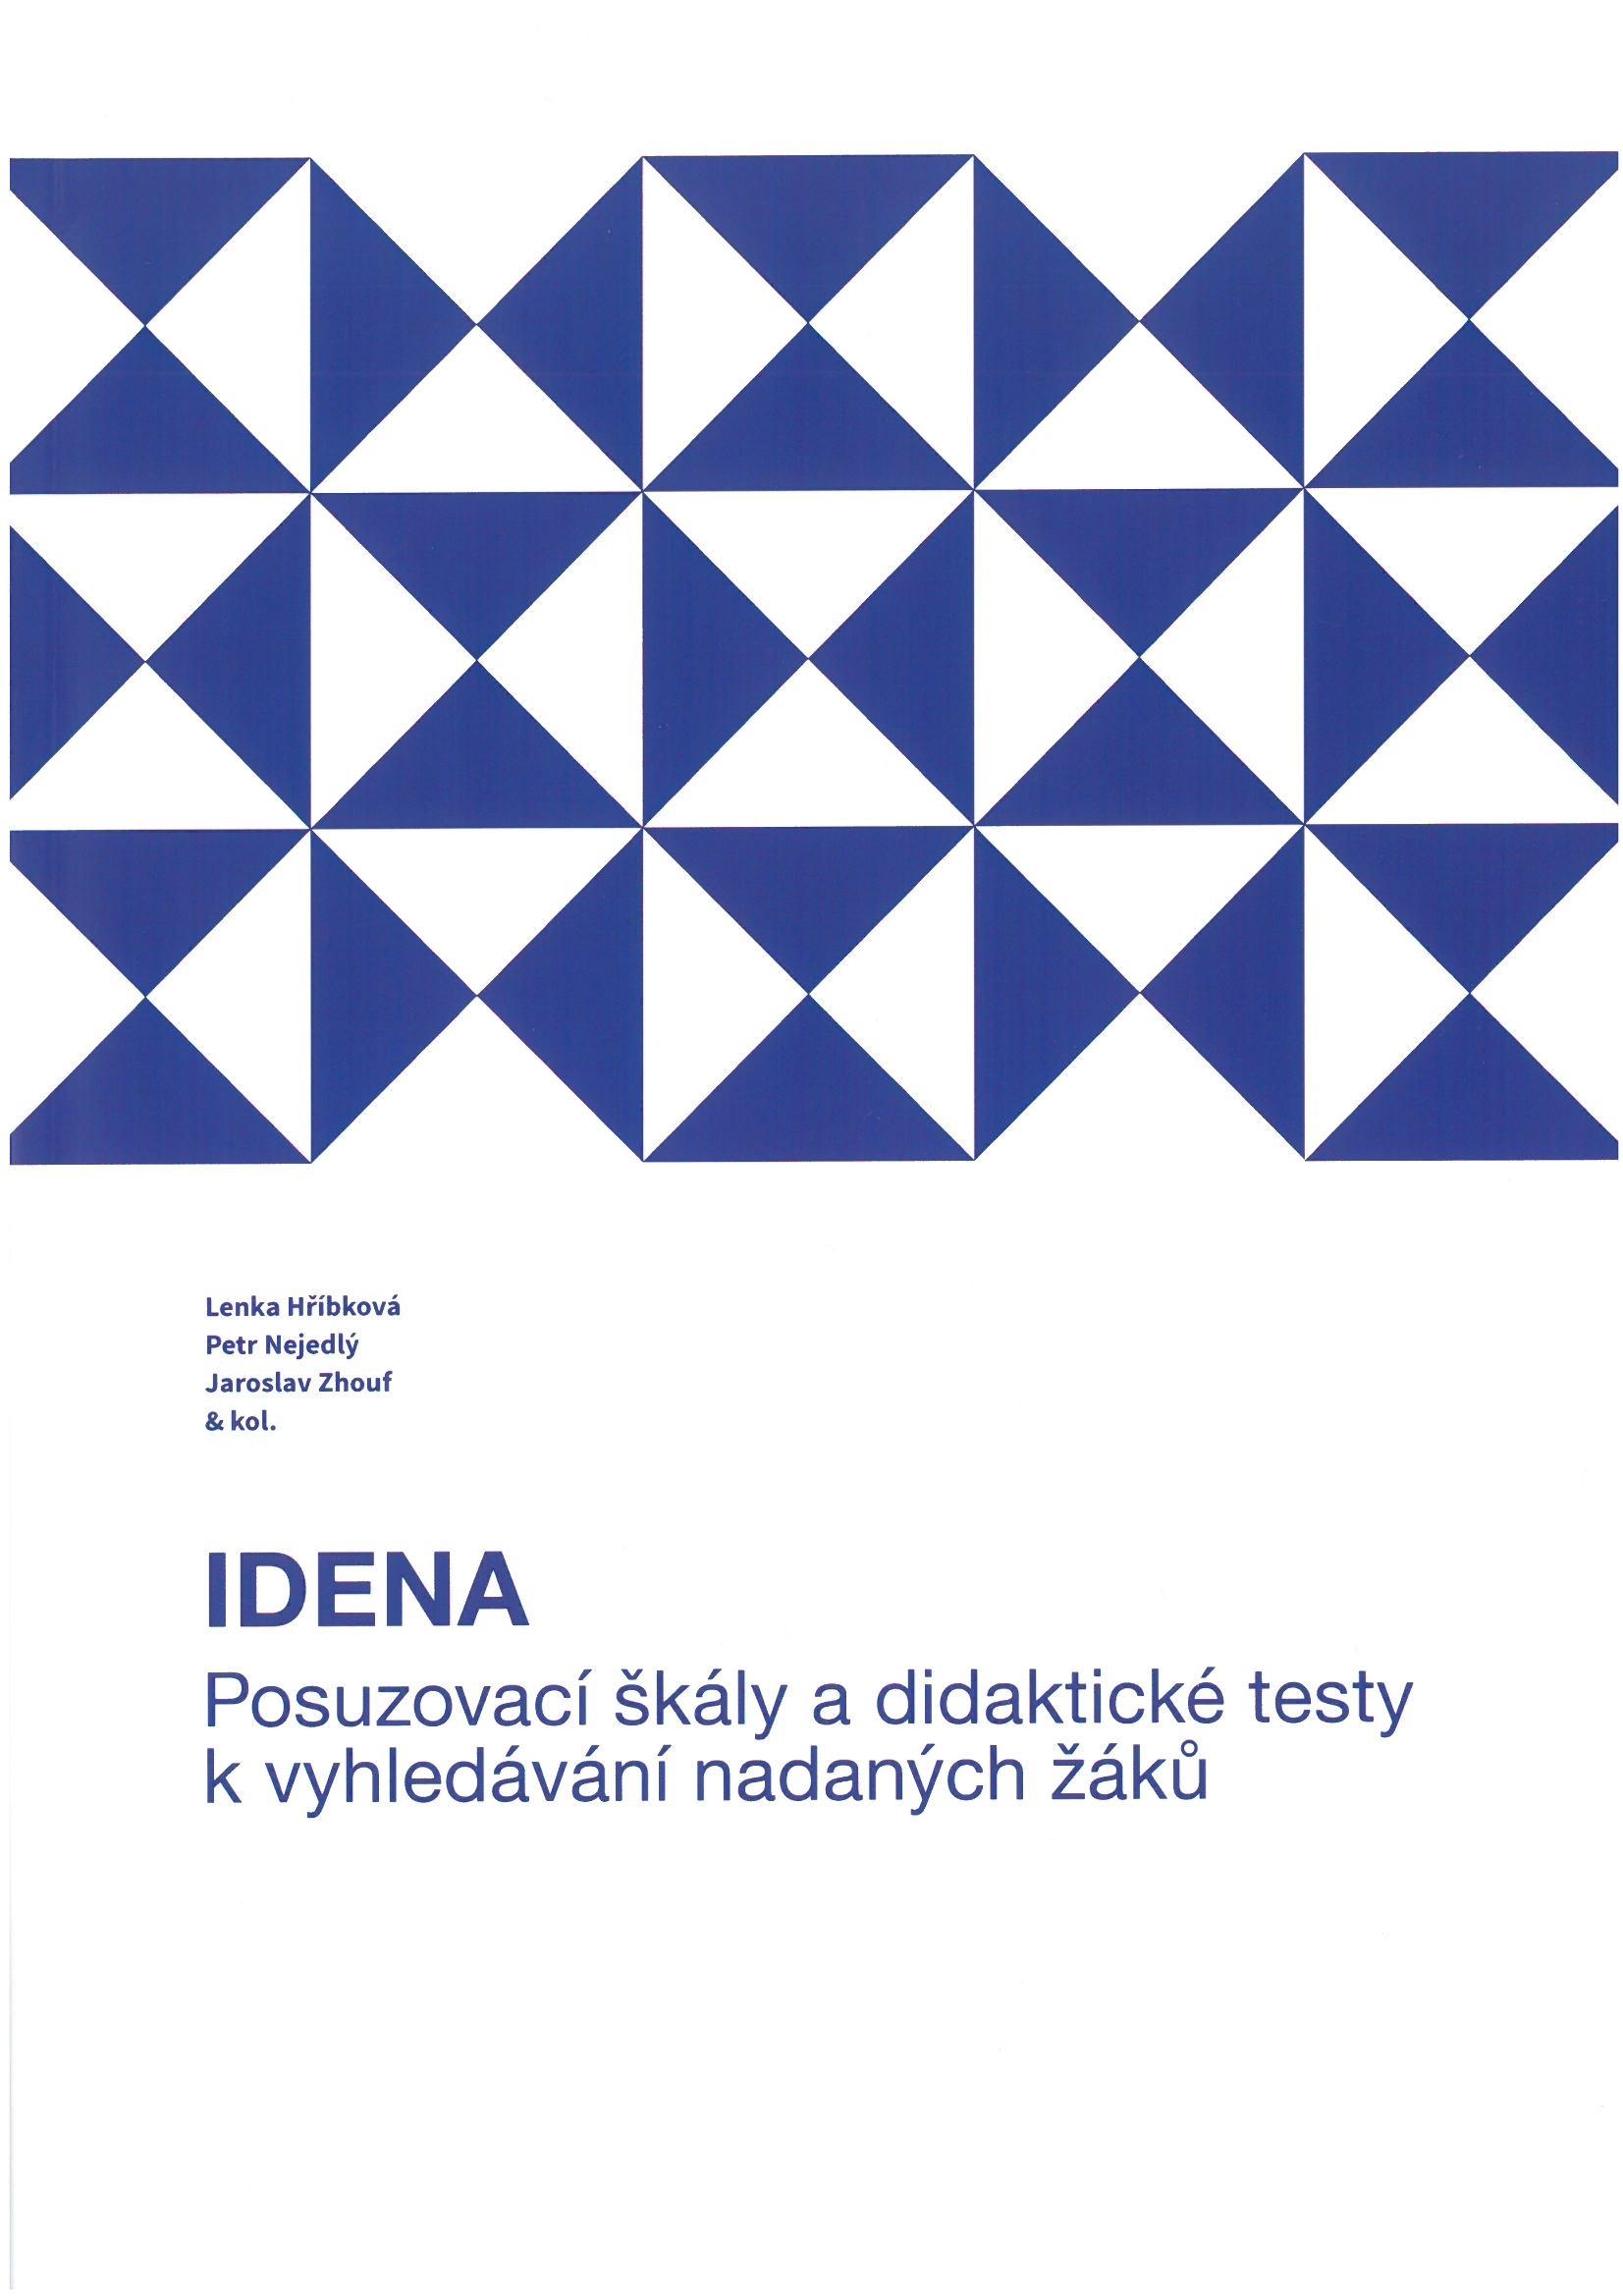 Posuzovací škály a didaktické testy k vyhledávání nadaných žáků (IDENA)